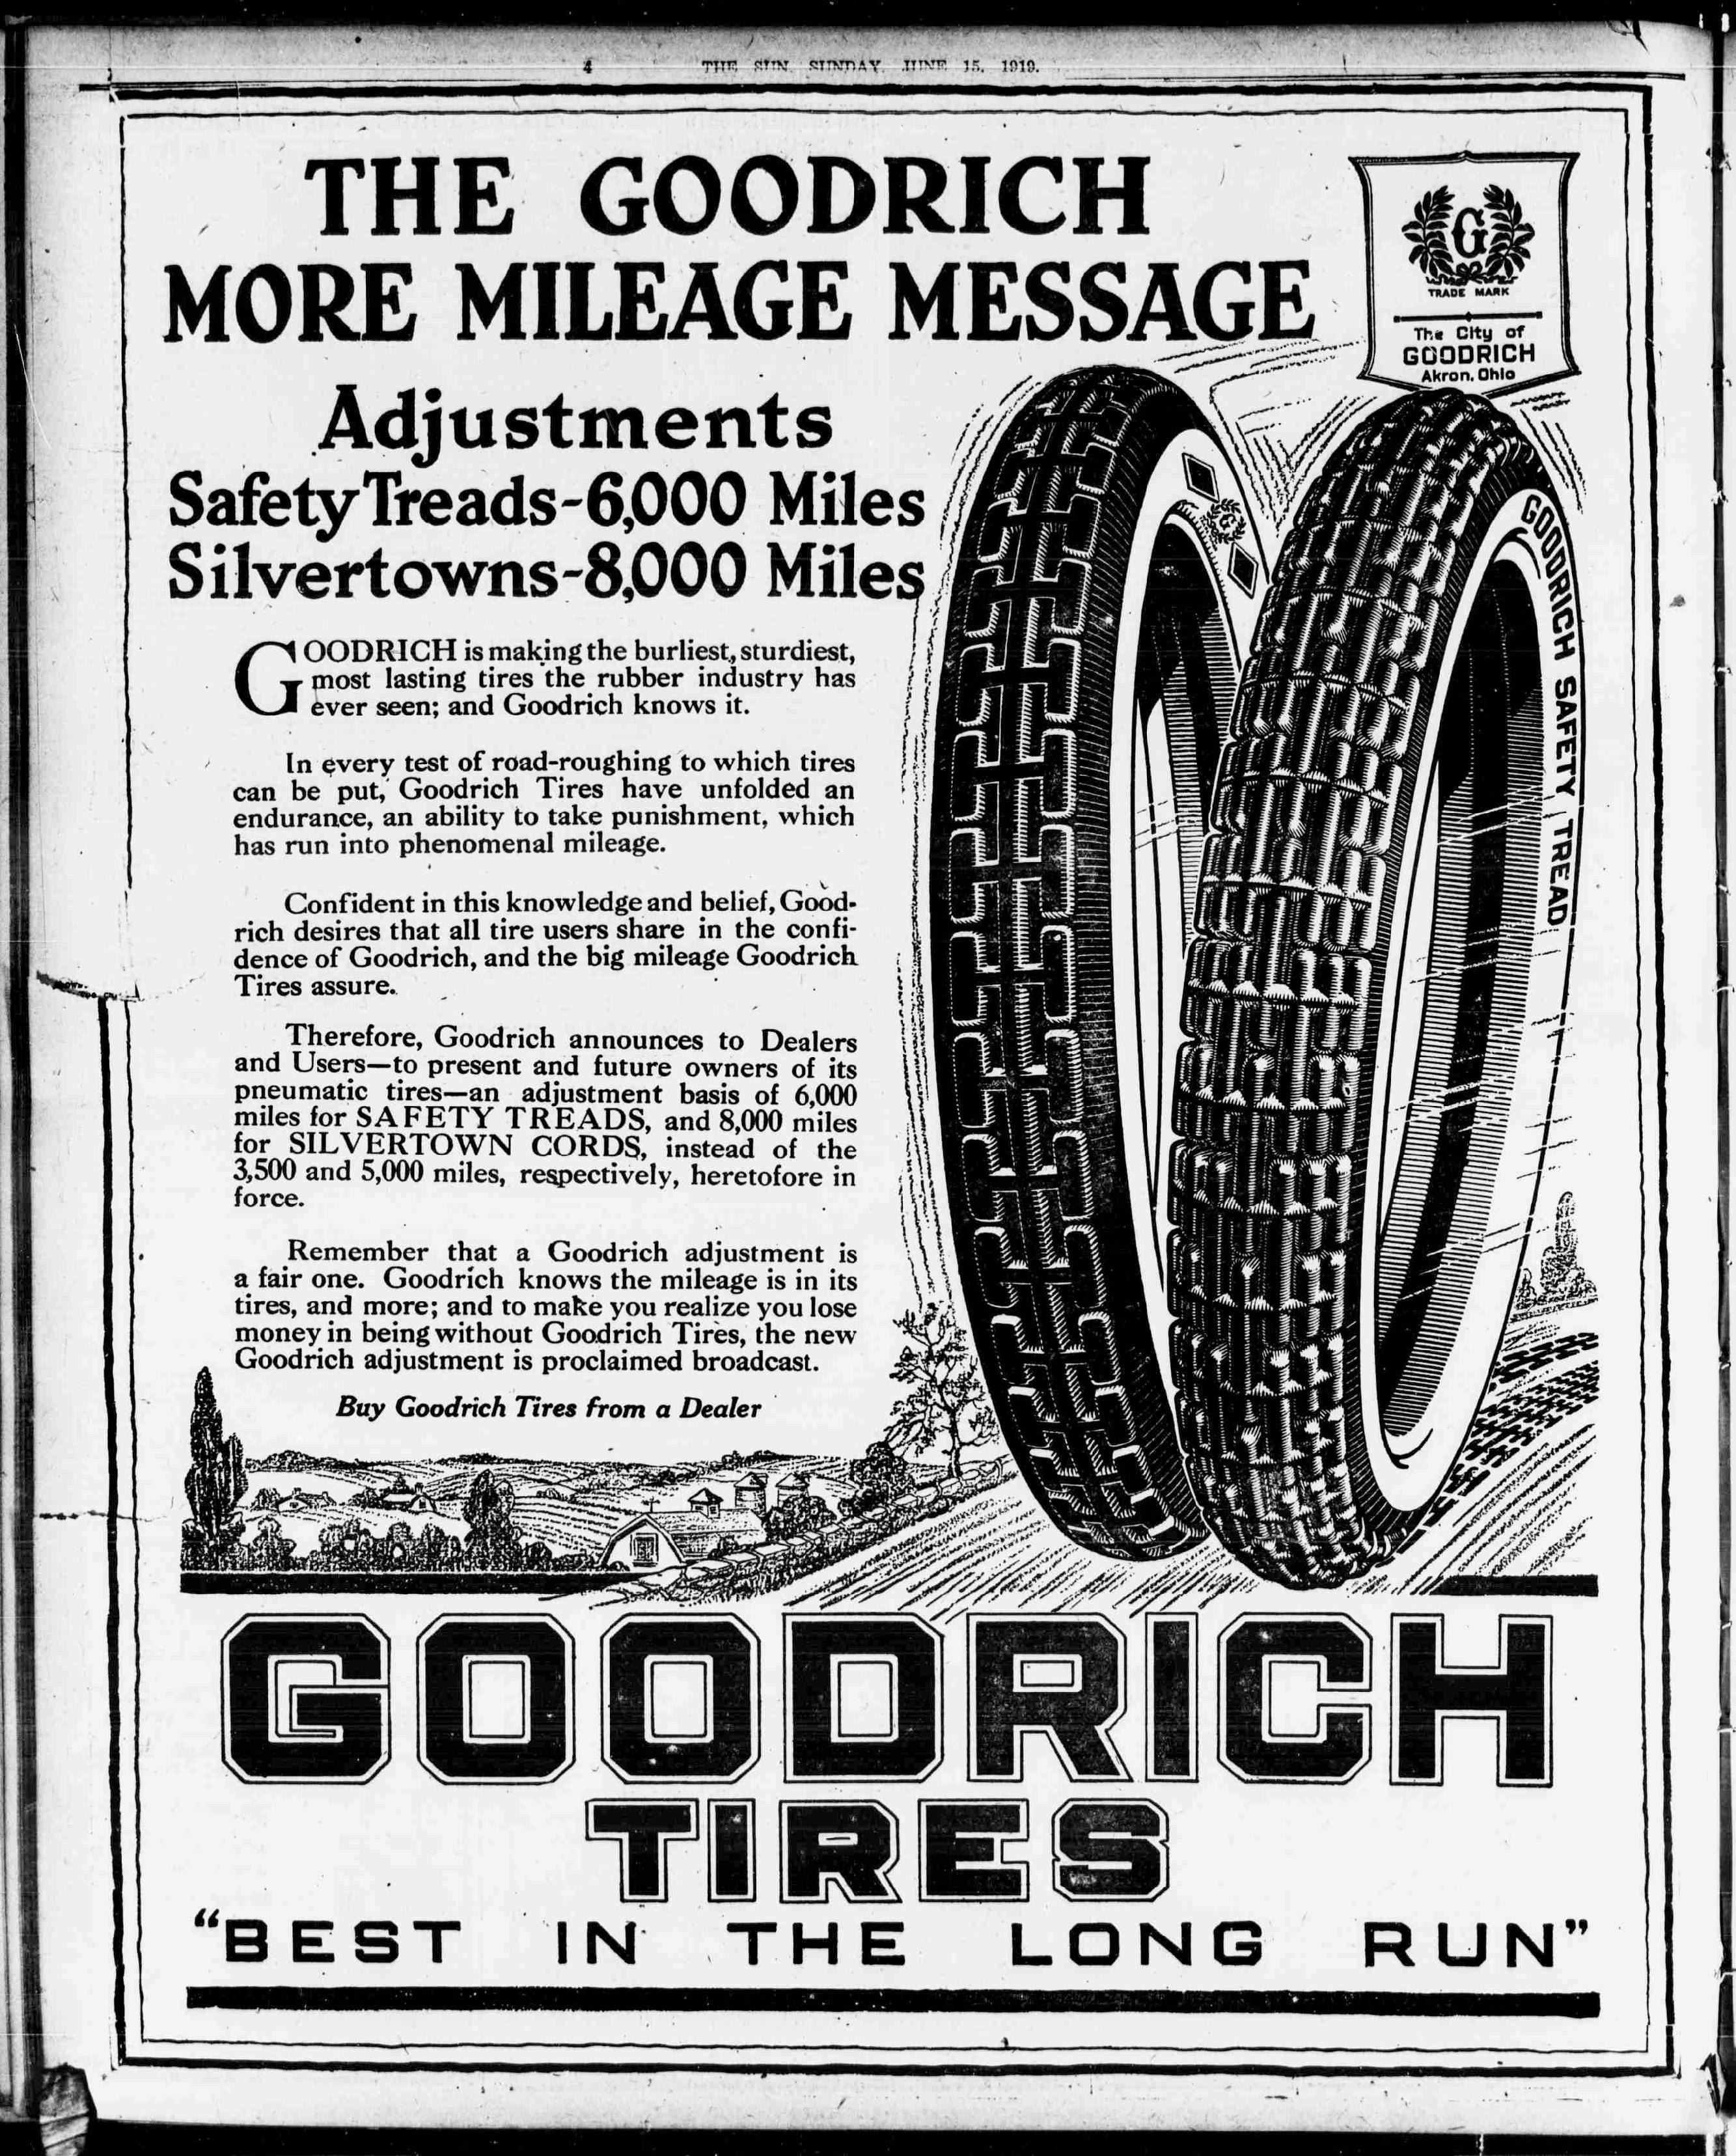 File:Goodrich more mileage message.pdf - Wikimedia Commons